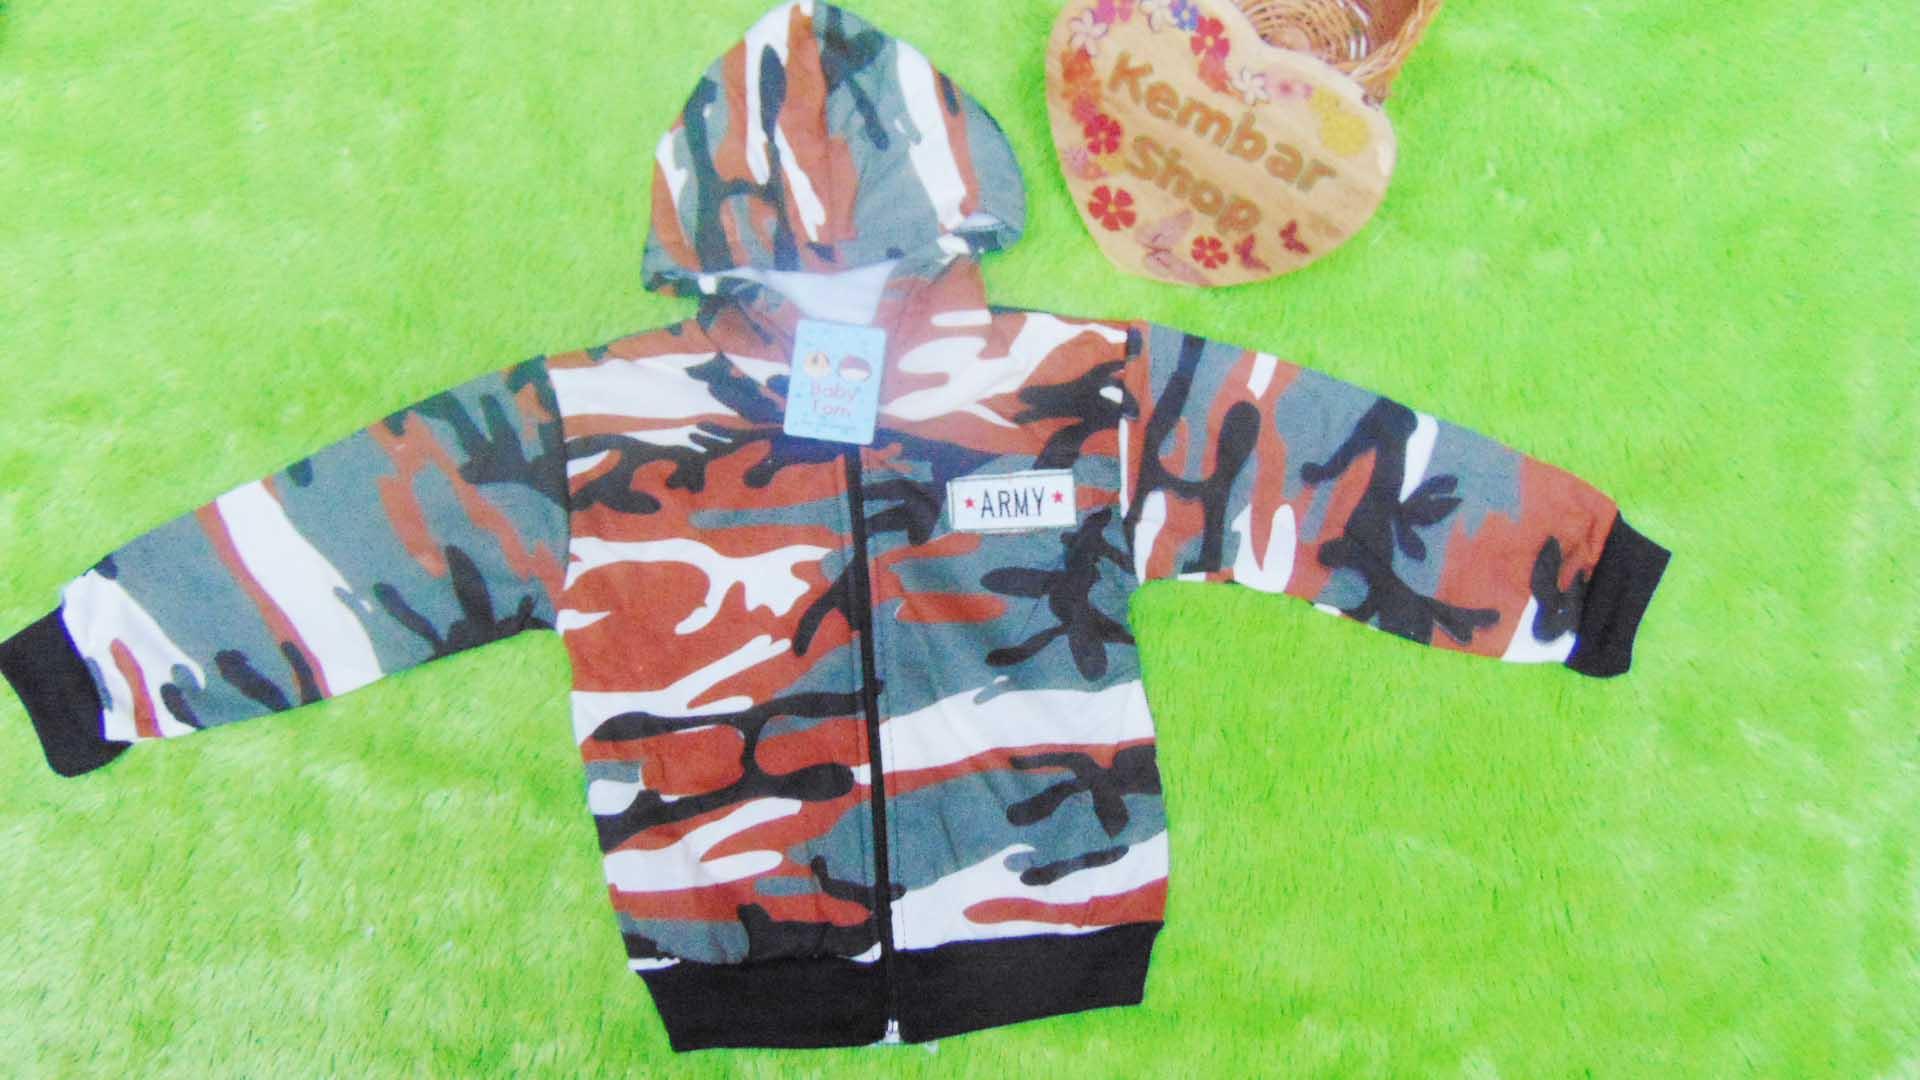 jaket bayi 0-12bulan motif army (2)